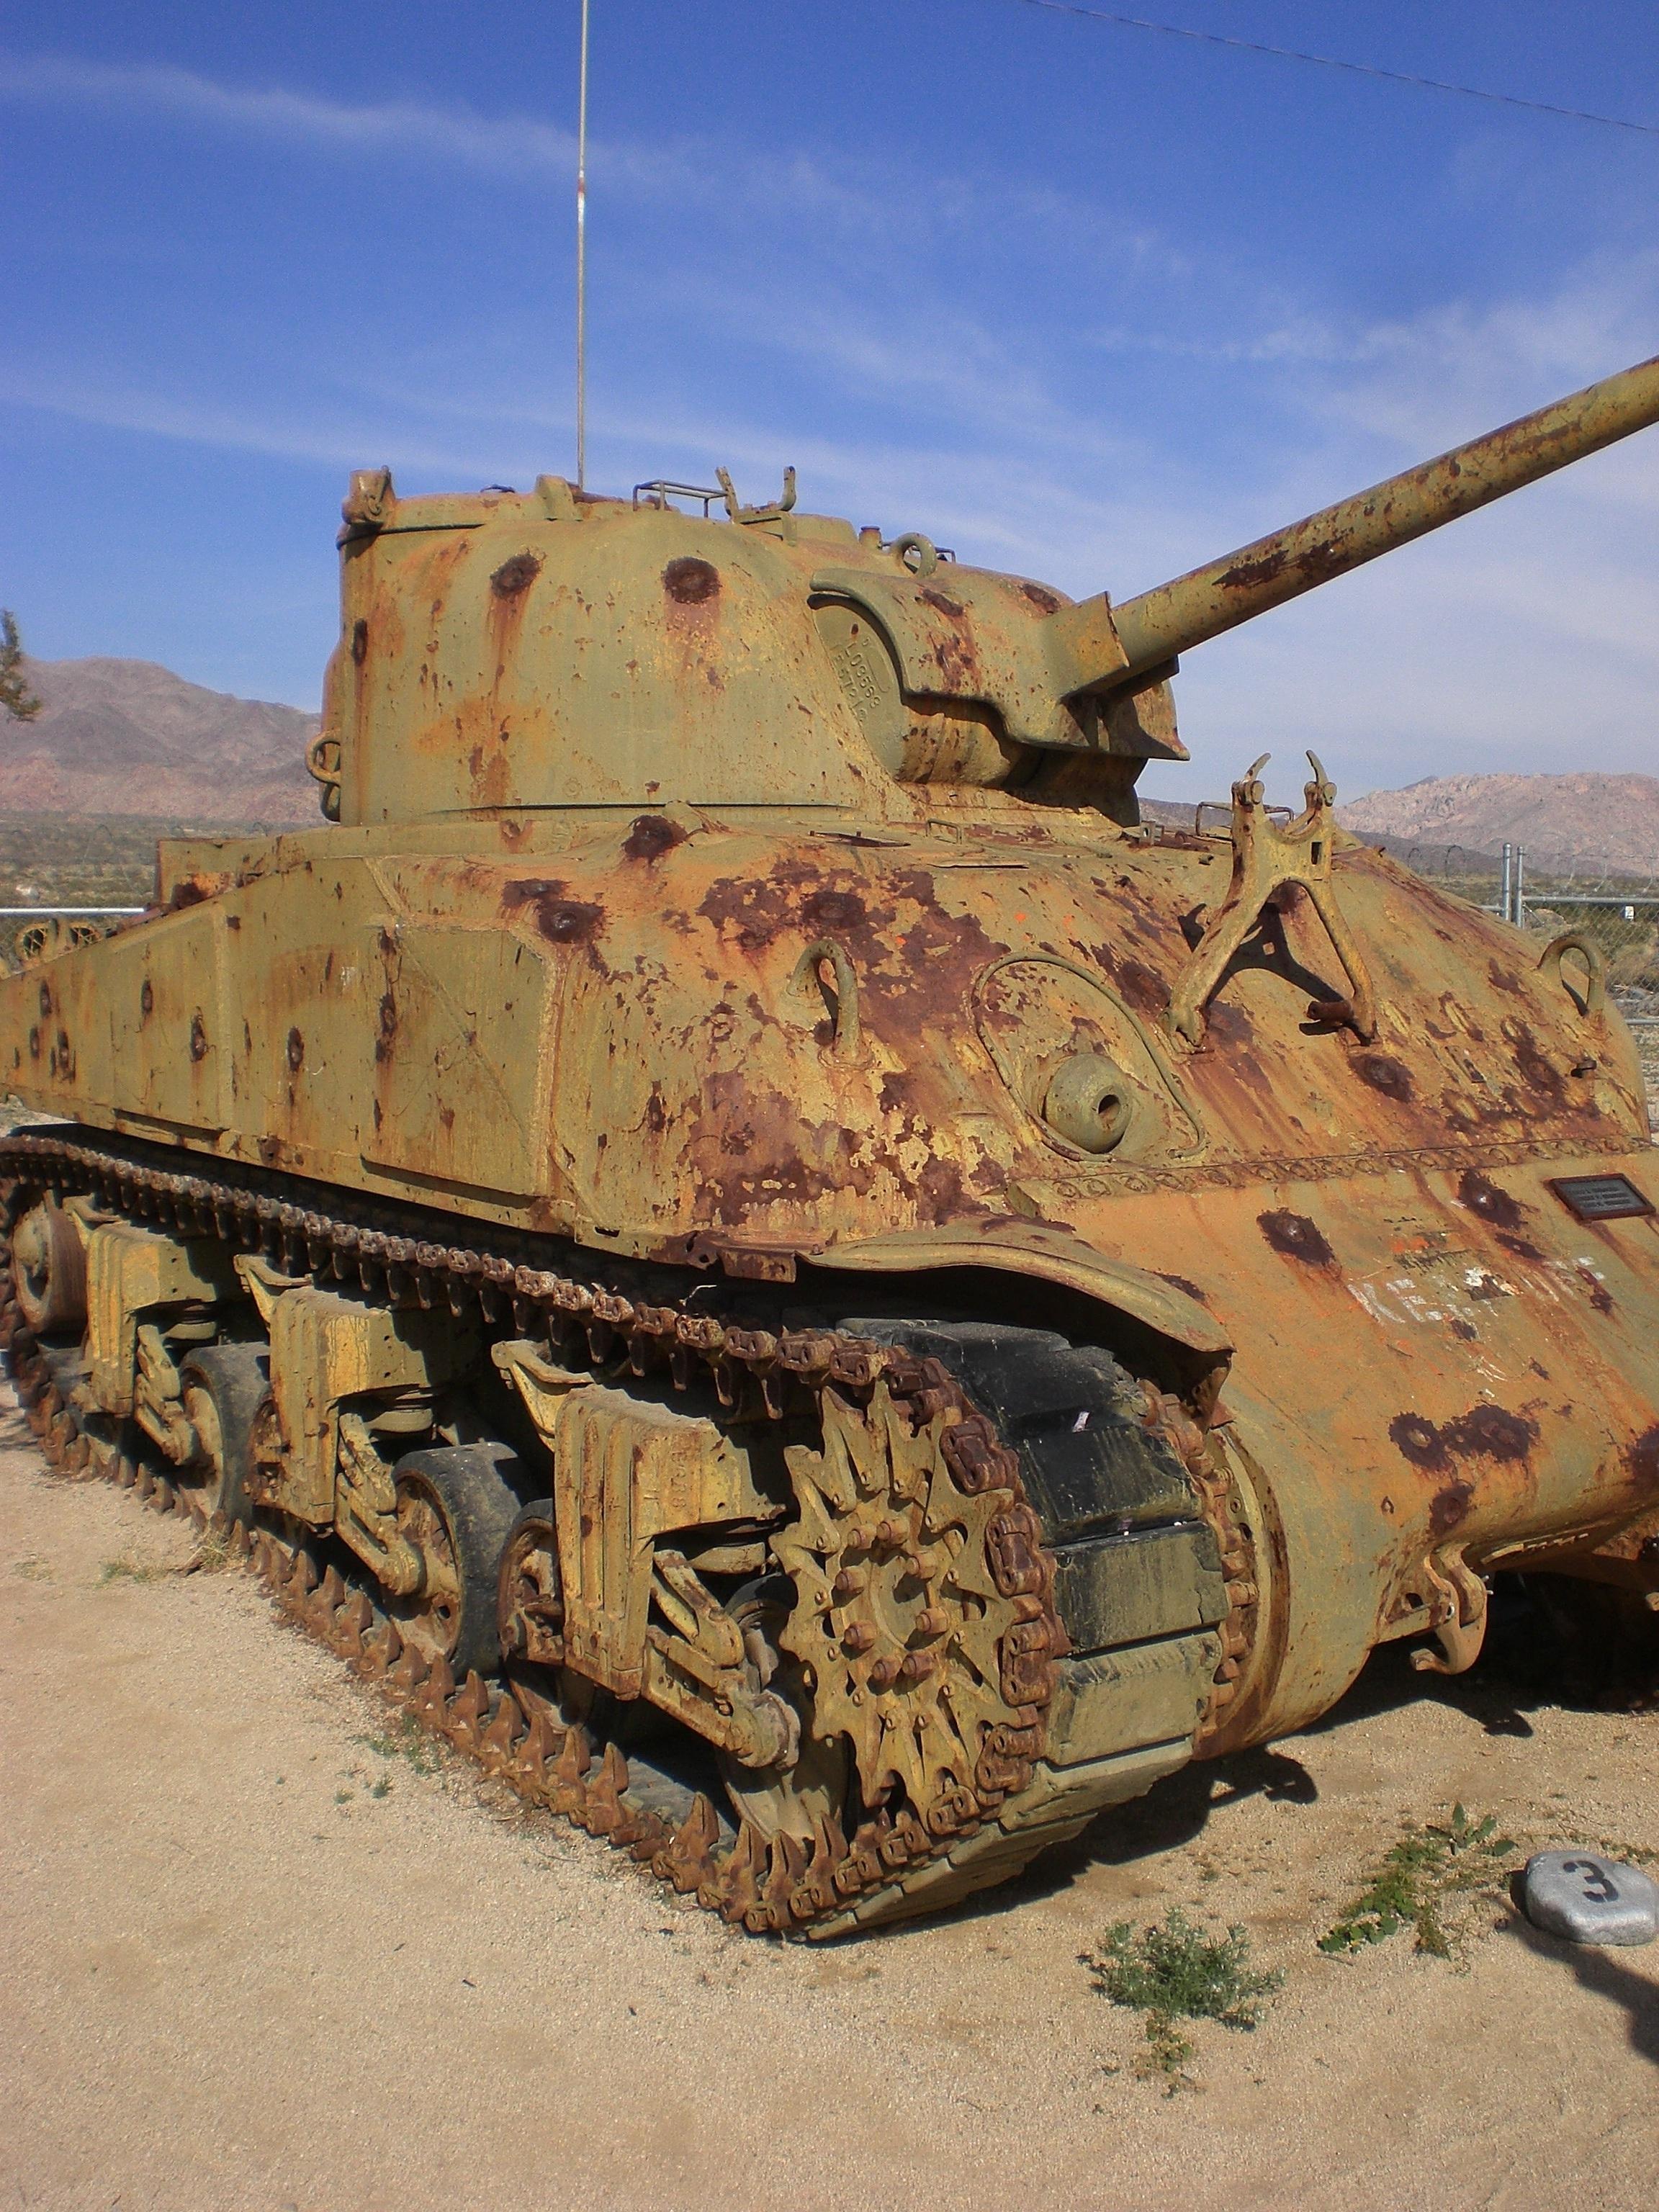 Gratis billeder : militær, hær, våben, 2. verdenskrig, tank, Landkøretøj, militært køretøj ...